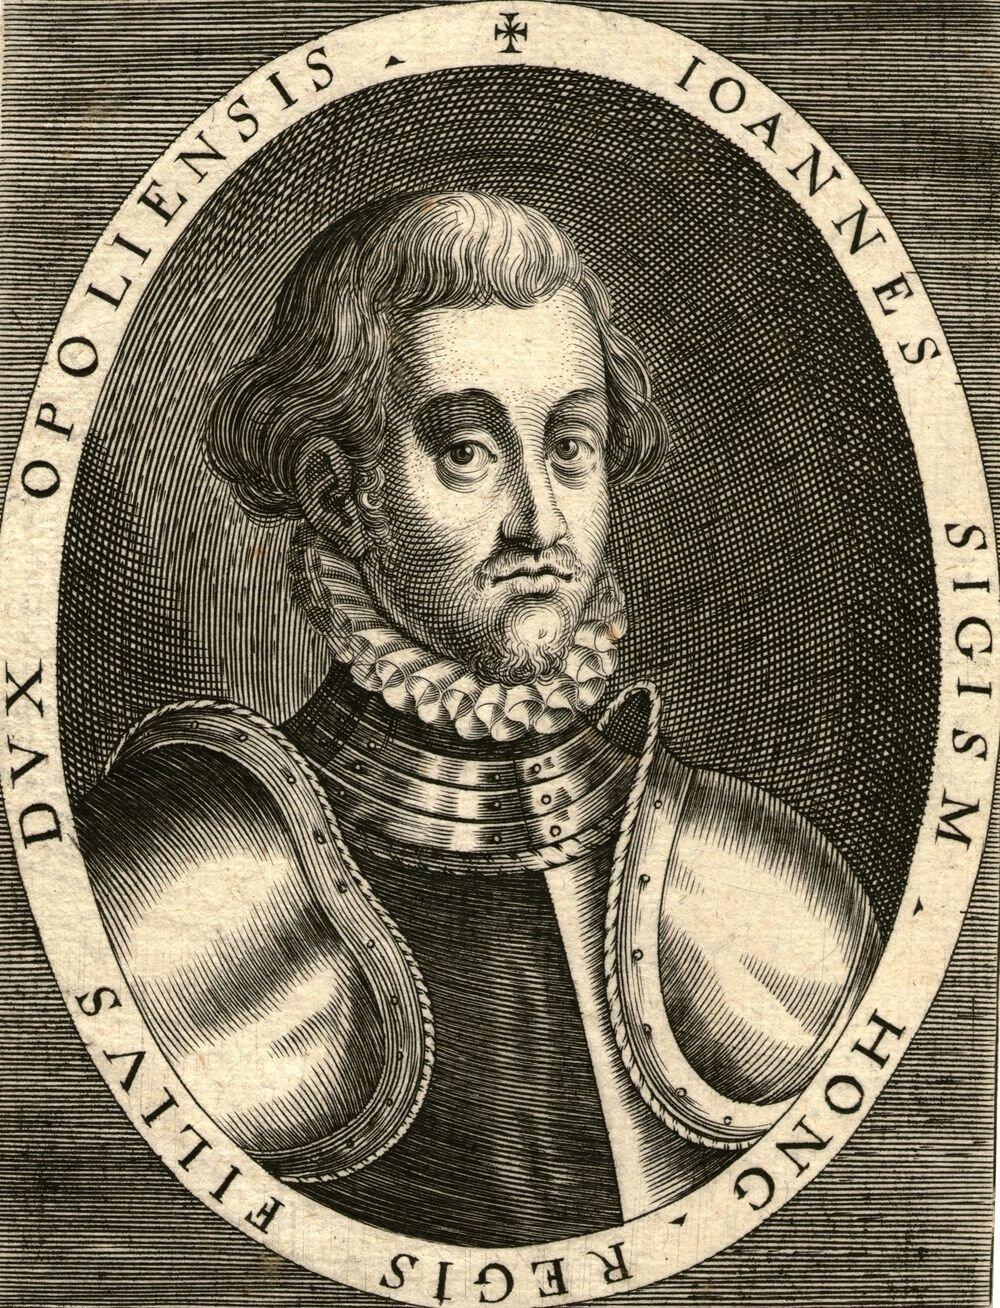 Jan Zygmunt, syn króla węgierskiego, książę opolski Jan II Zygmunt Zápolya, syn króla węgierskiego, Jana Zápolyi oraz Izabeli Jagiellonki, córki króla Polski Zygmunta IStarego. Wybrano go następcą tronu jeszcze wkołysce, ale nigdynie zostałkoronowany, ajego władztwo obejmowało tylkowschodnie rejony kraju. Koronowanym władcę Węgier był wtym czasieMaksymilian II Habsburg. Źródło: Dominik Custos, Jan Zygmunt, syn króla węgierskiego, książę opolski, ok. 1600 r., sucha igła, domena publiczna.